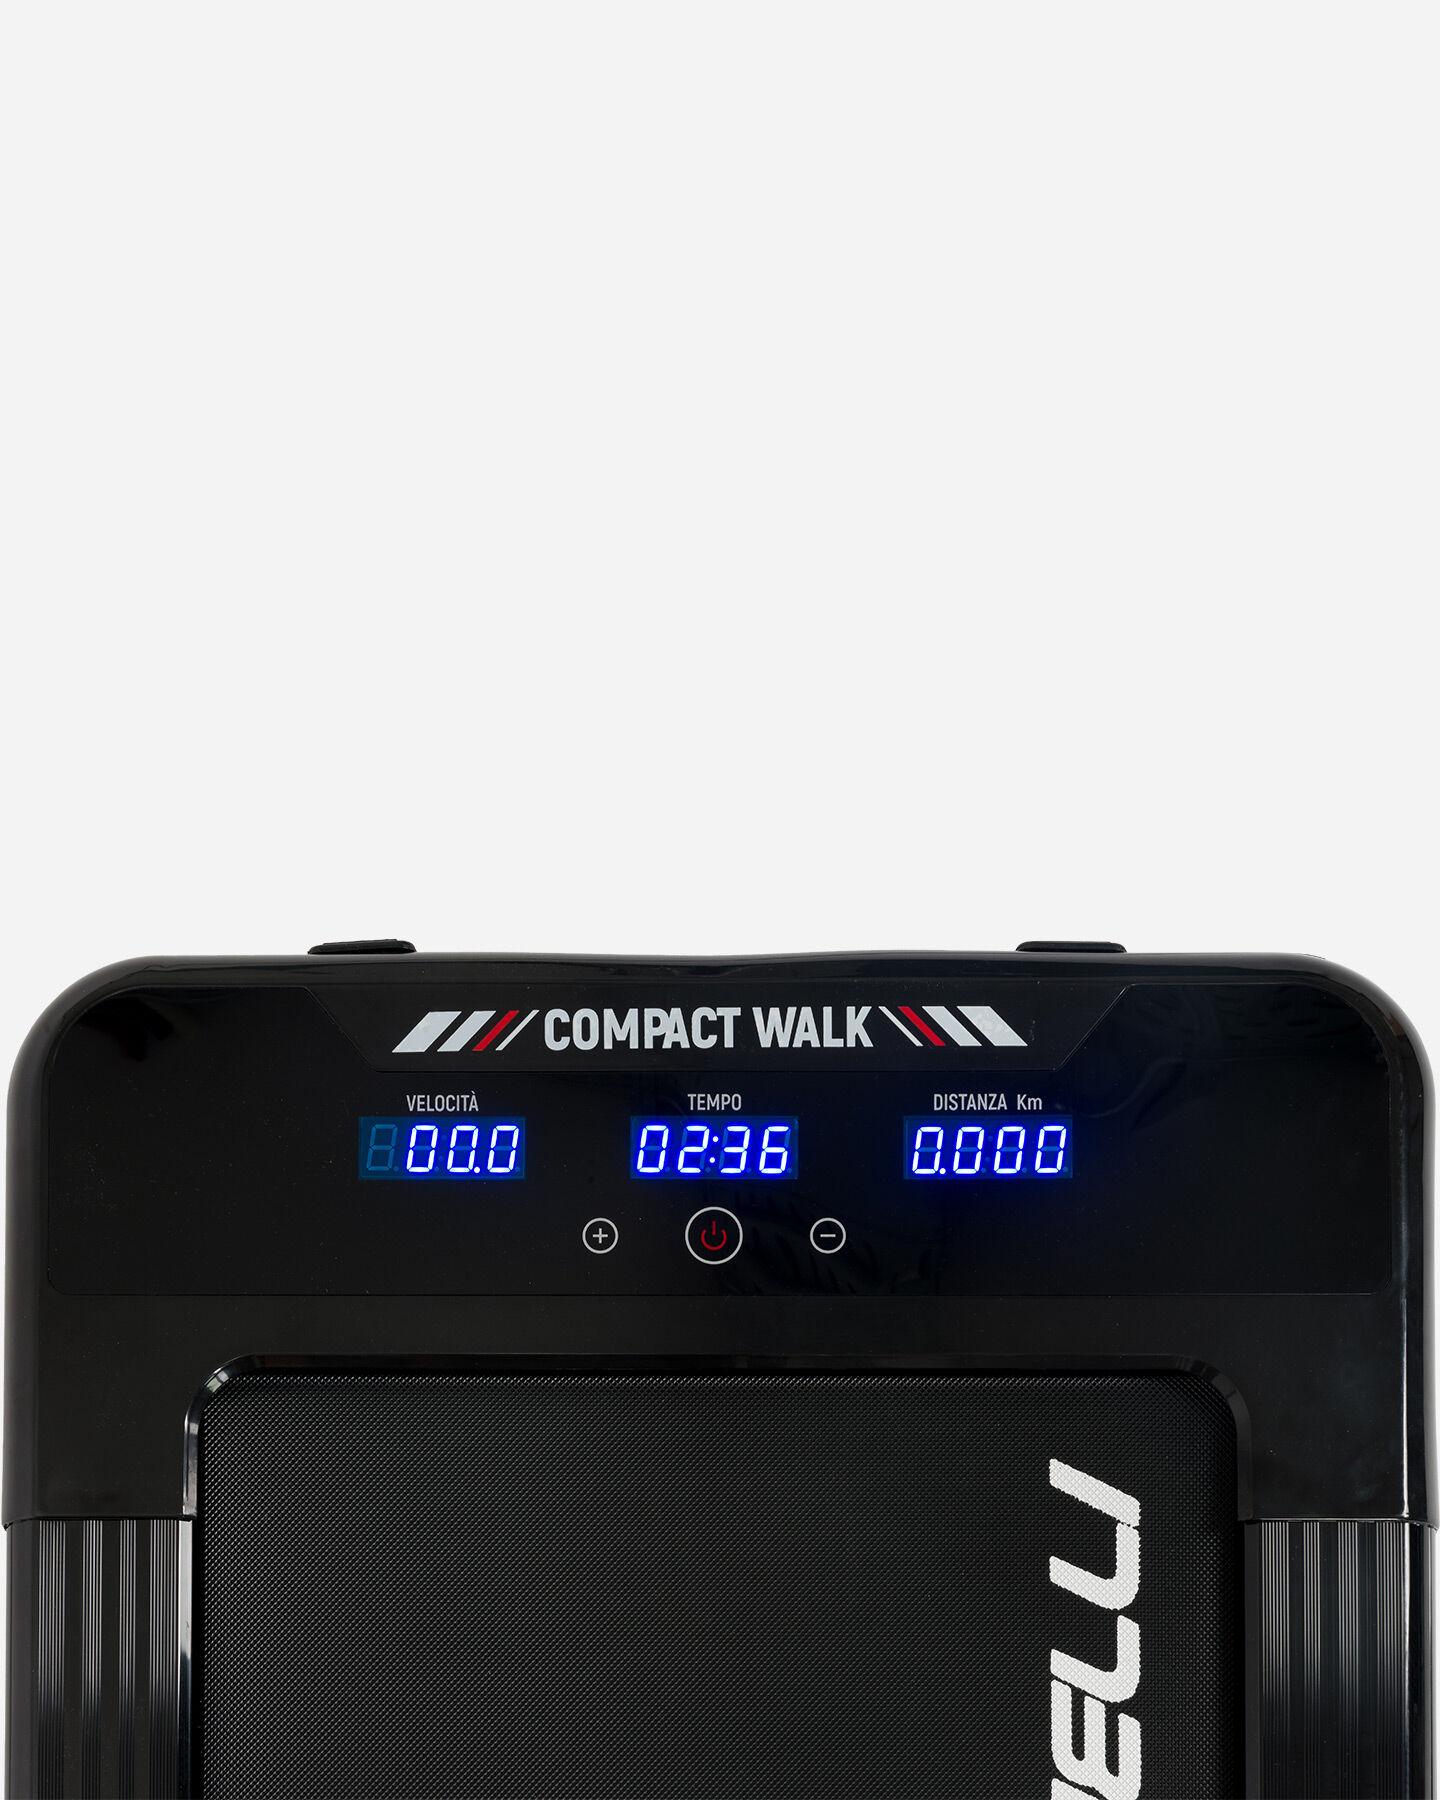 Tapis roulant CARNIELLI COMPACT WALK  S4062697 1 UNI scatto 2